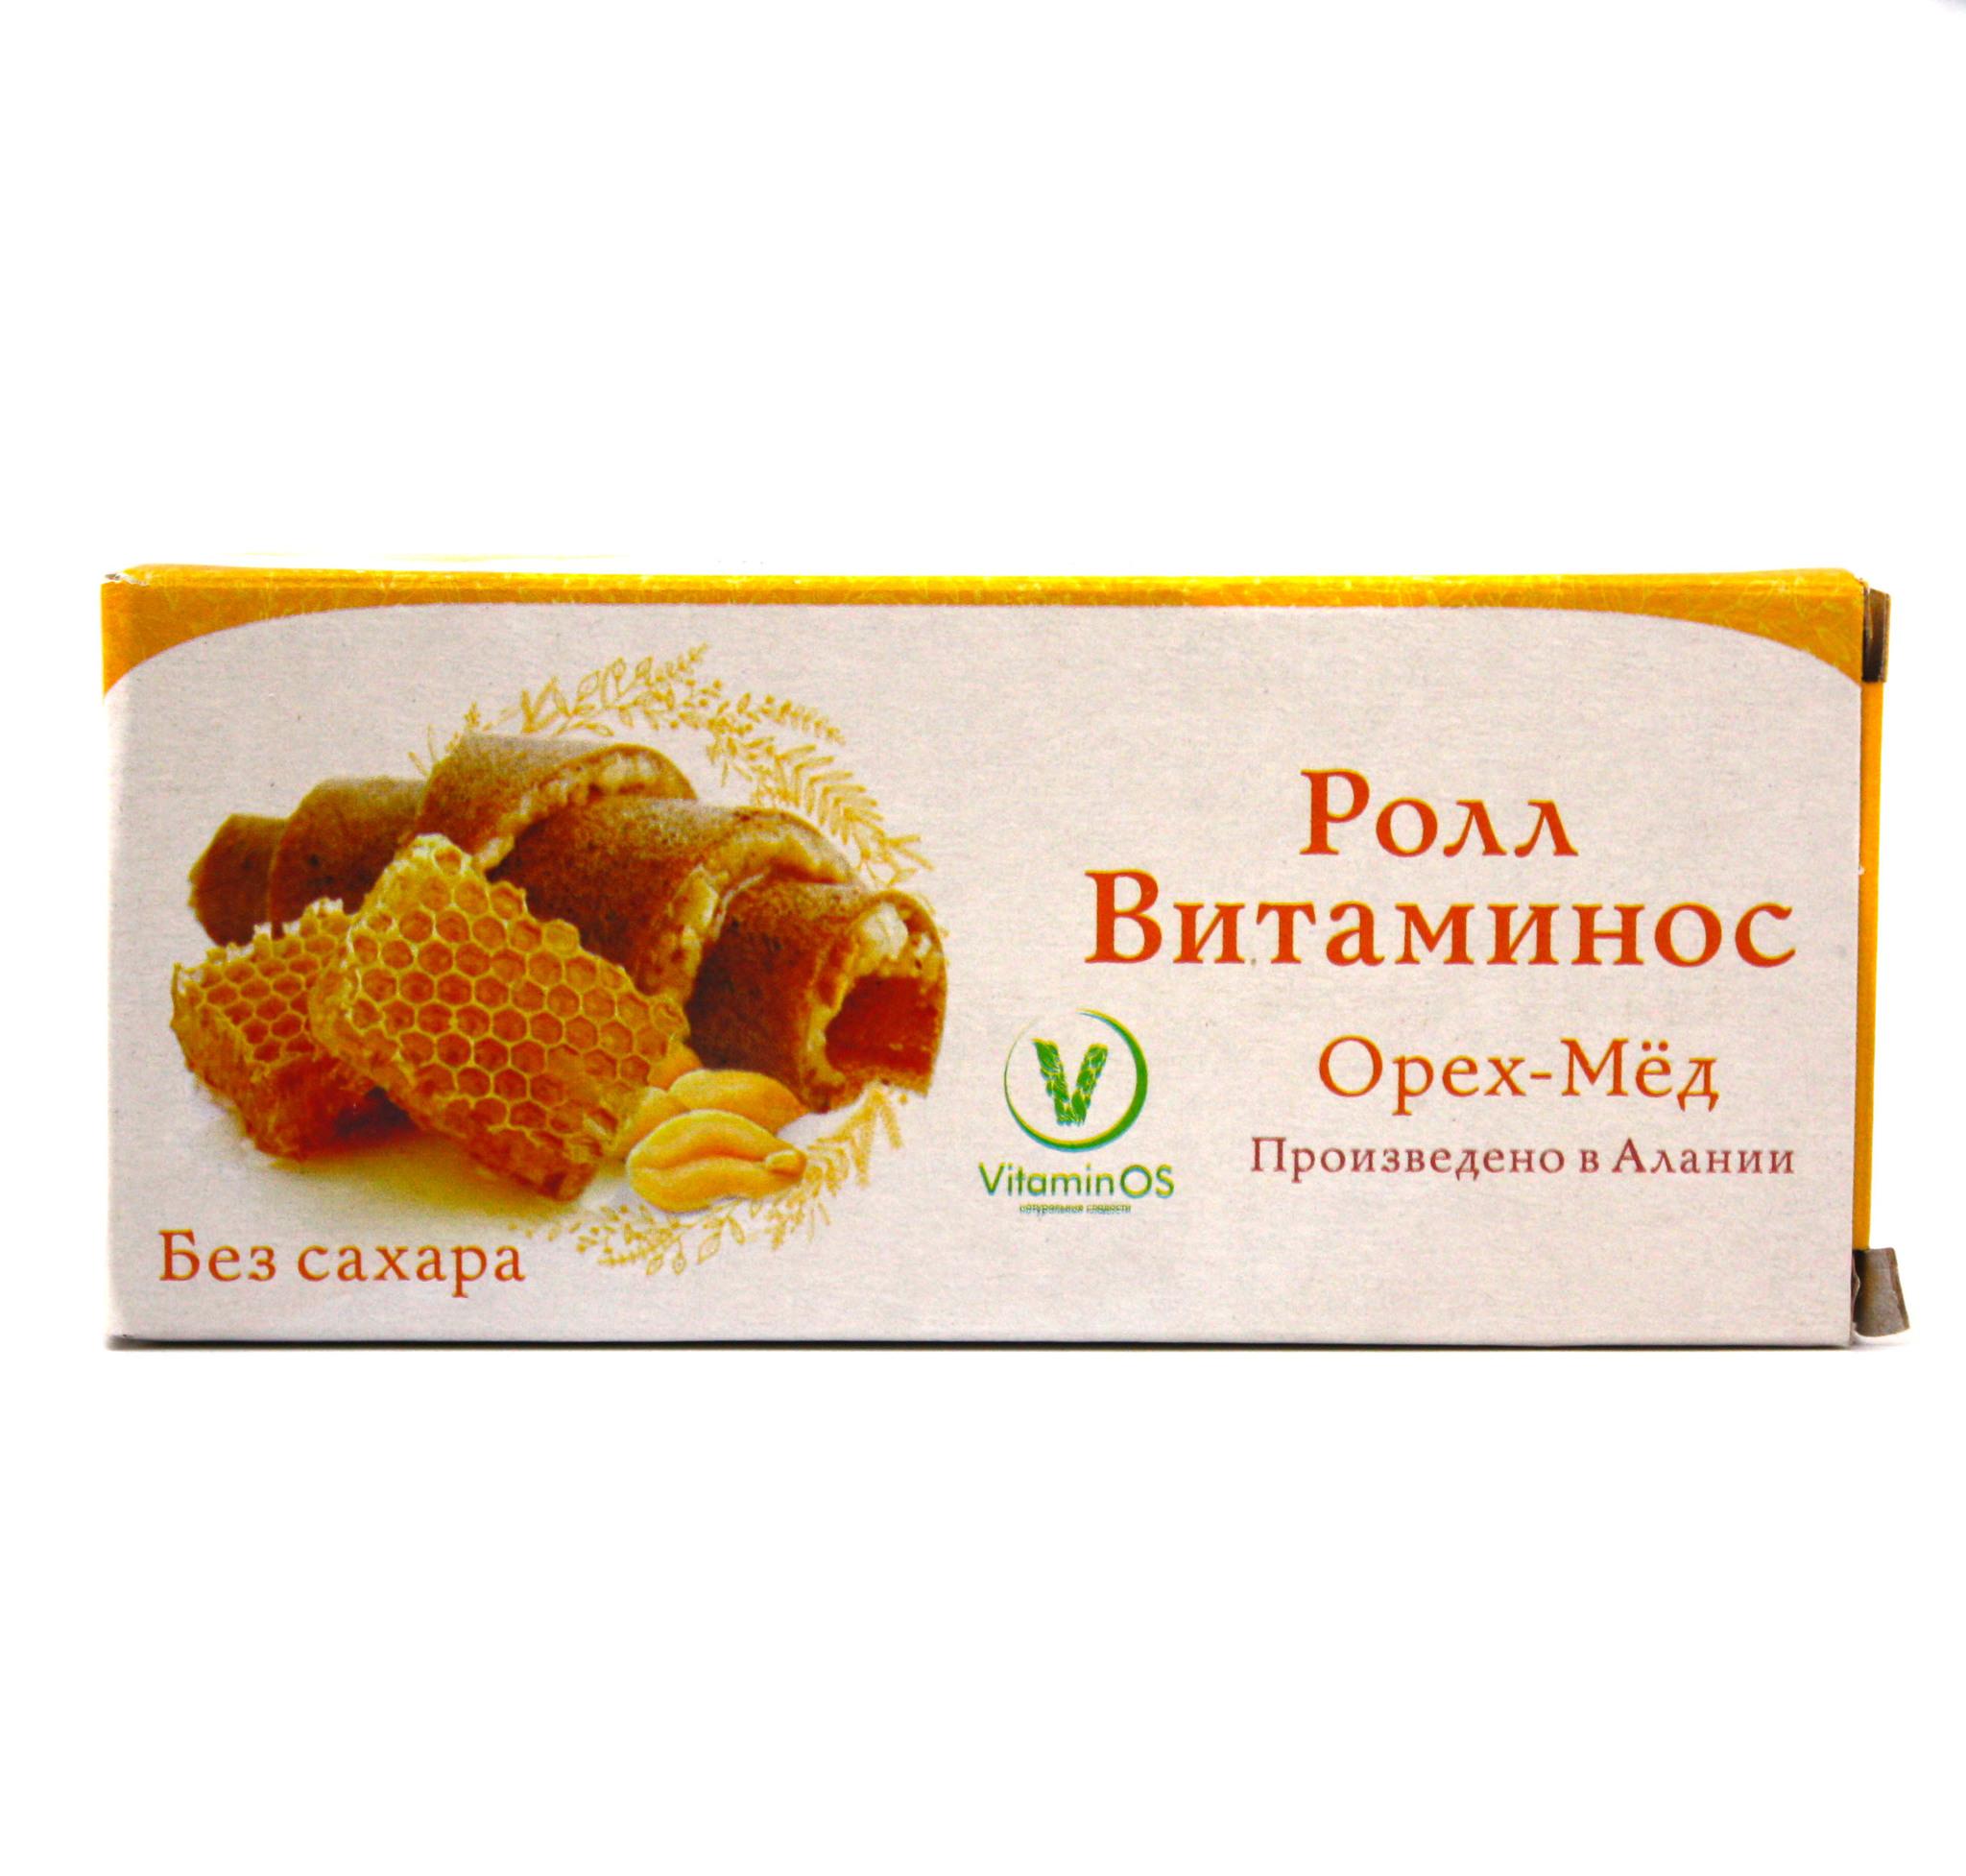 Ролл Vitaminos с медом и орехами, SuperNut, 30 г import_files_5f_5f08dda09e2411e9a9ad484d7ecee297_d17e1ff0a2e211e9a9ae484d7ecee297.jpg